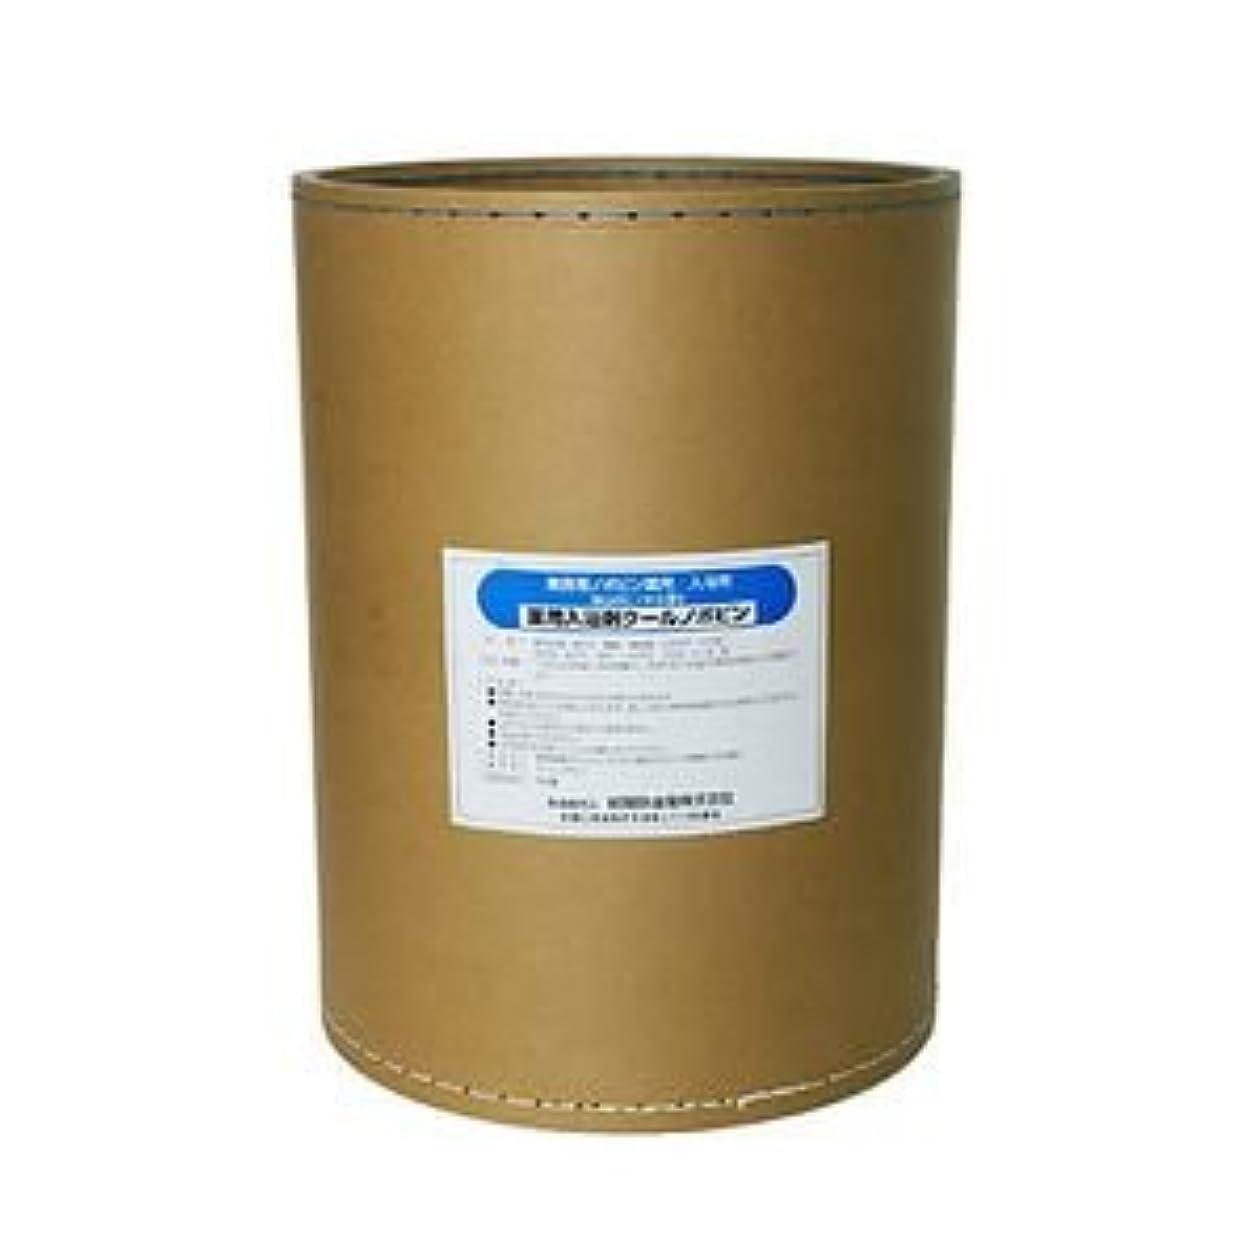 休みコスチュームタイプライター業務用入浴剤 クールノボピン 18kg